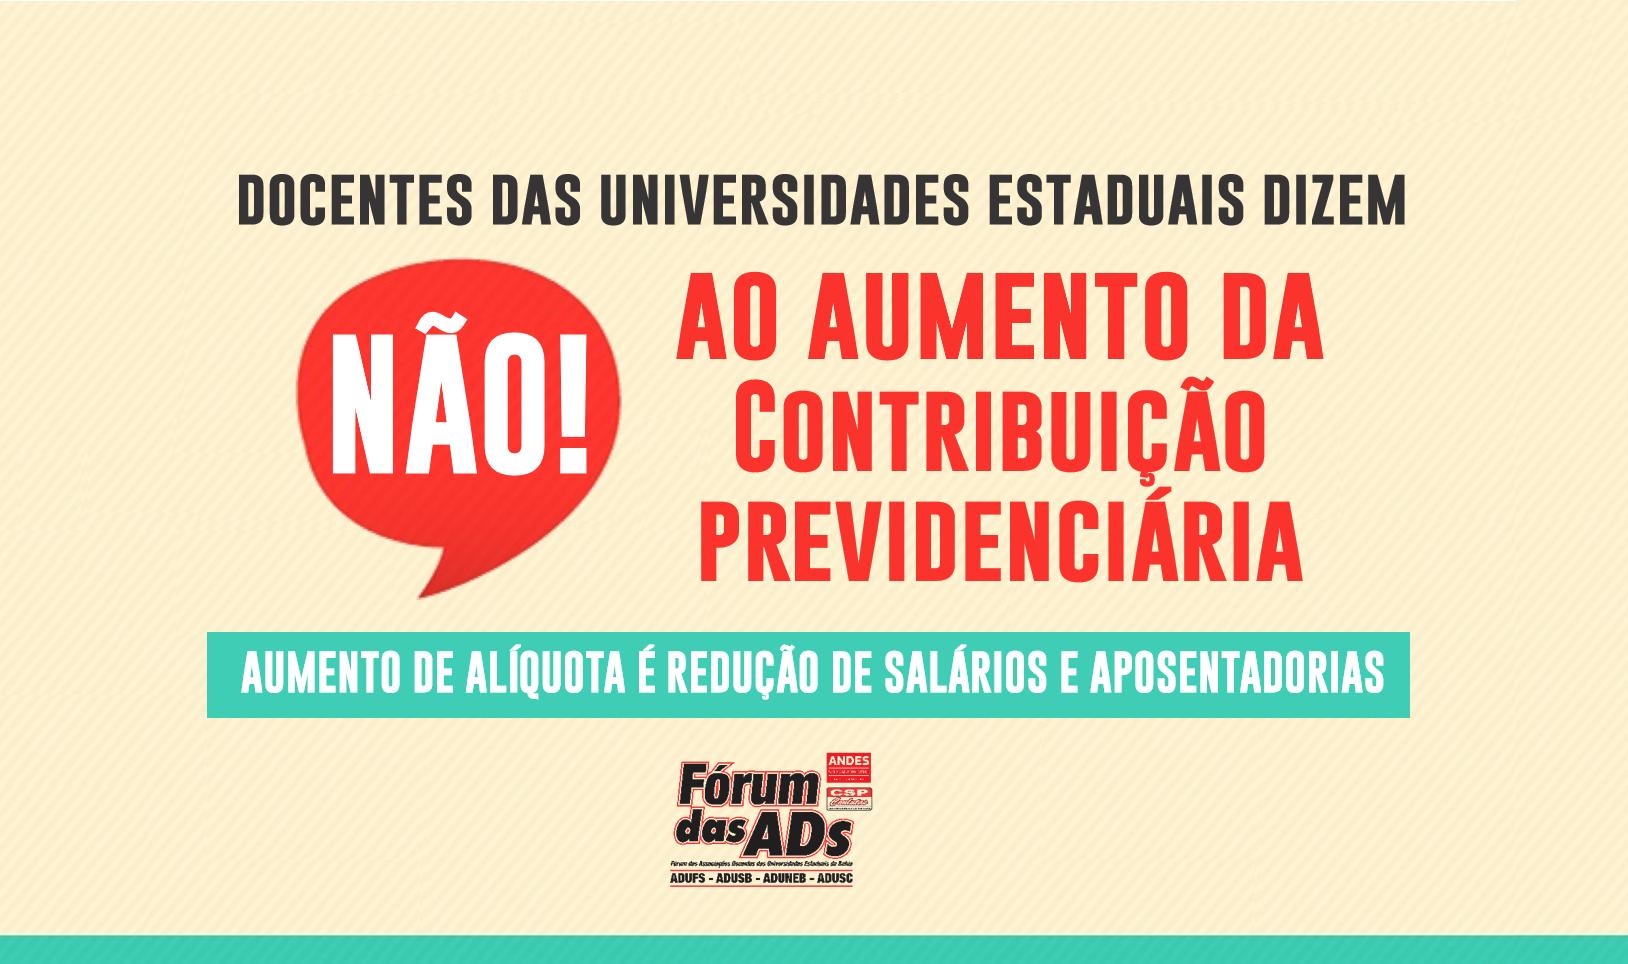 PROJETO PARA AUMENTO DE CONTRIBUIÇÃO PREVIDENCIÁRIA AMEAÇA SALÁRIOS E APOSENTADORIAS DE SERVIDORES BAIANOS